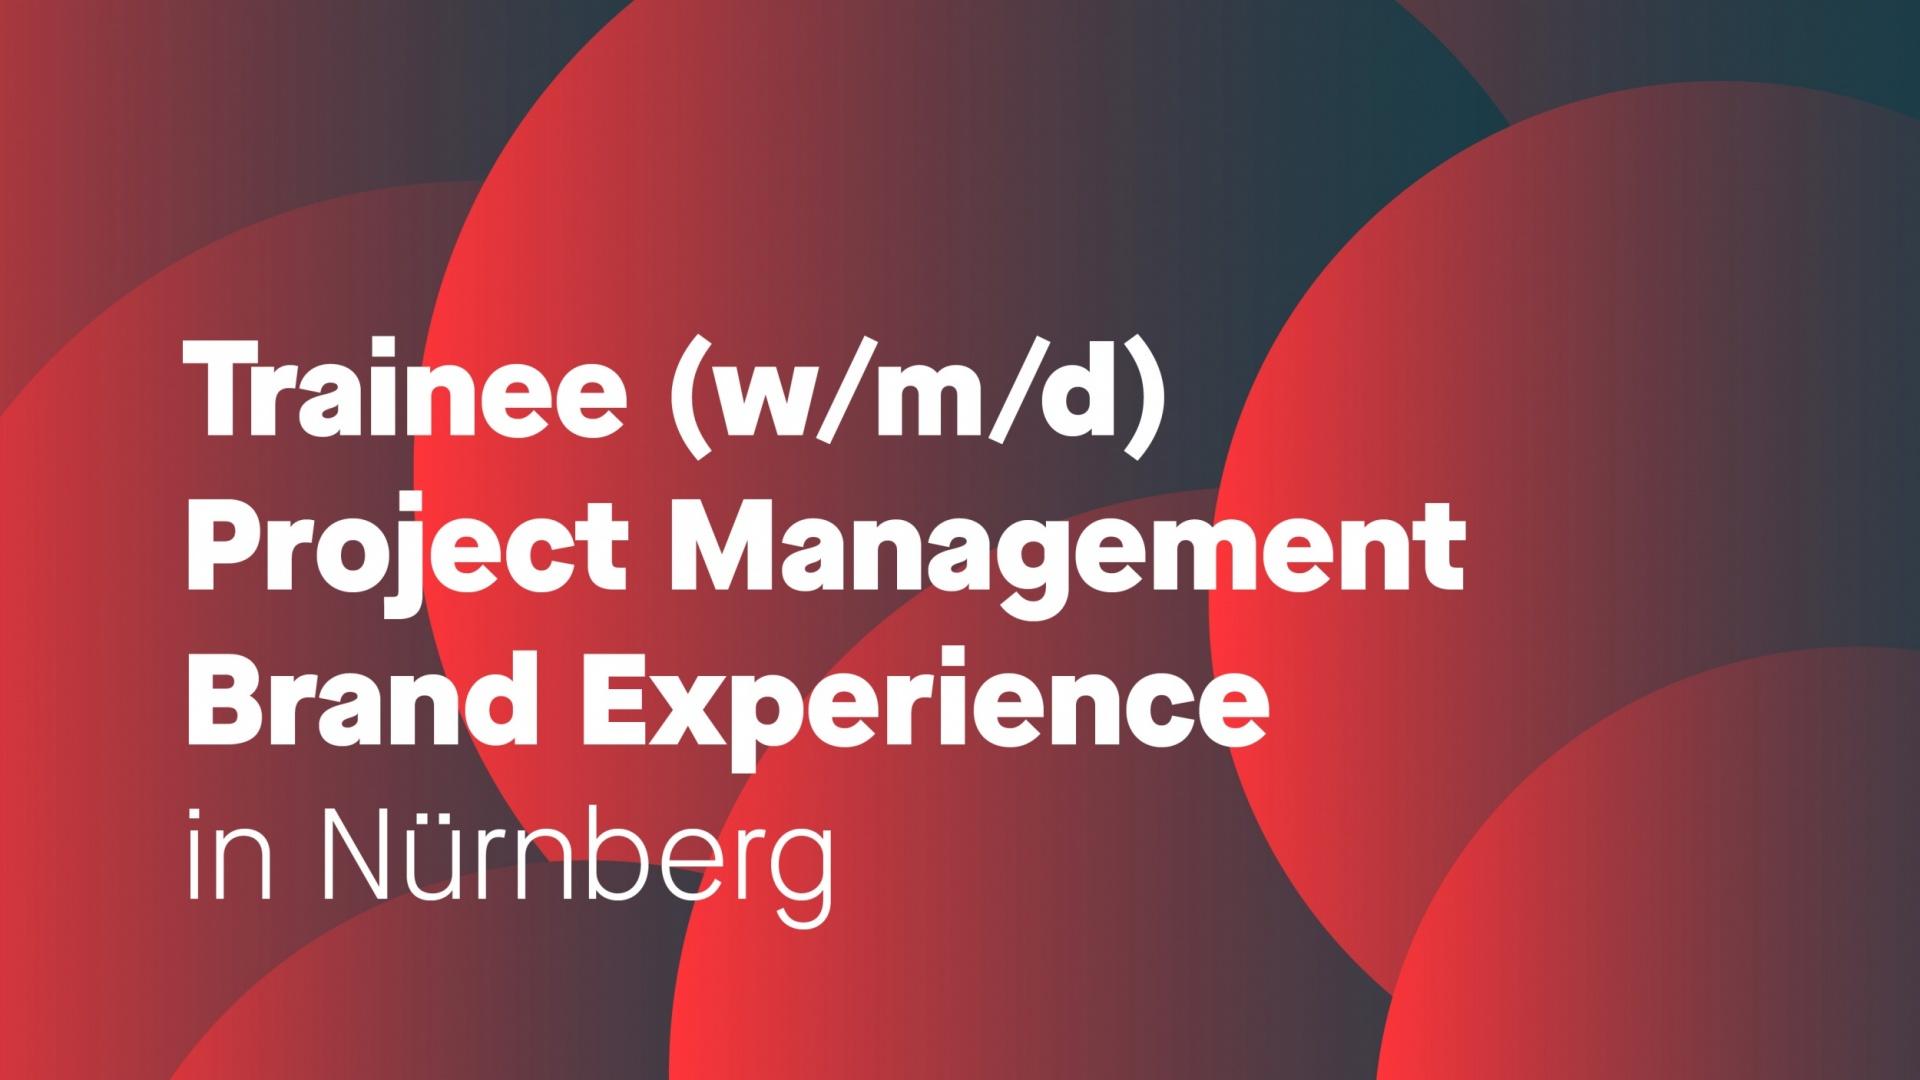 Trainee Project Management (w/m/d)